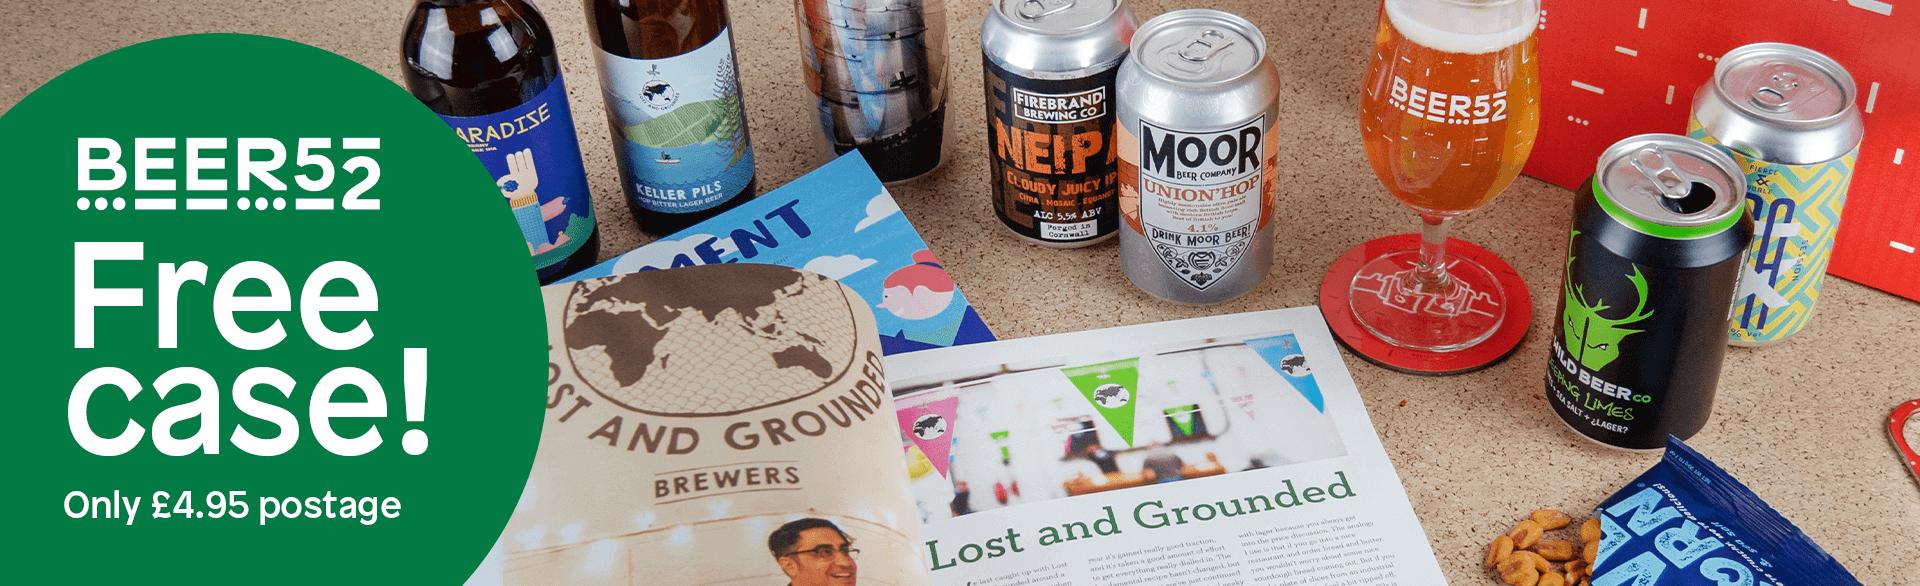 Red Carpet Club : Beer52